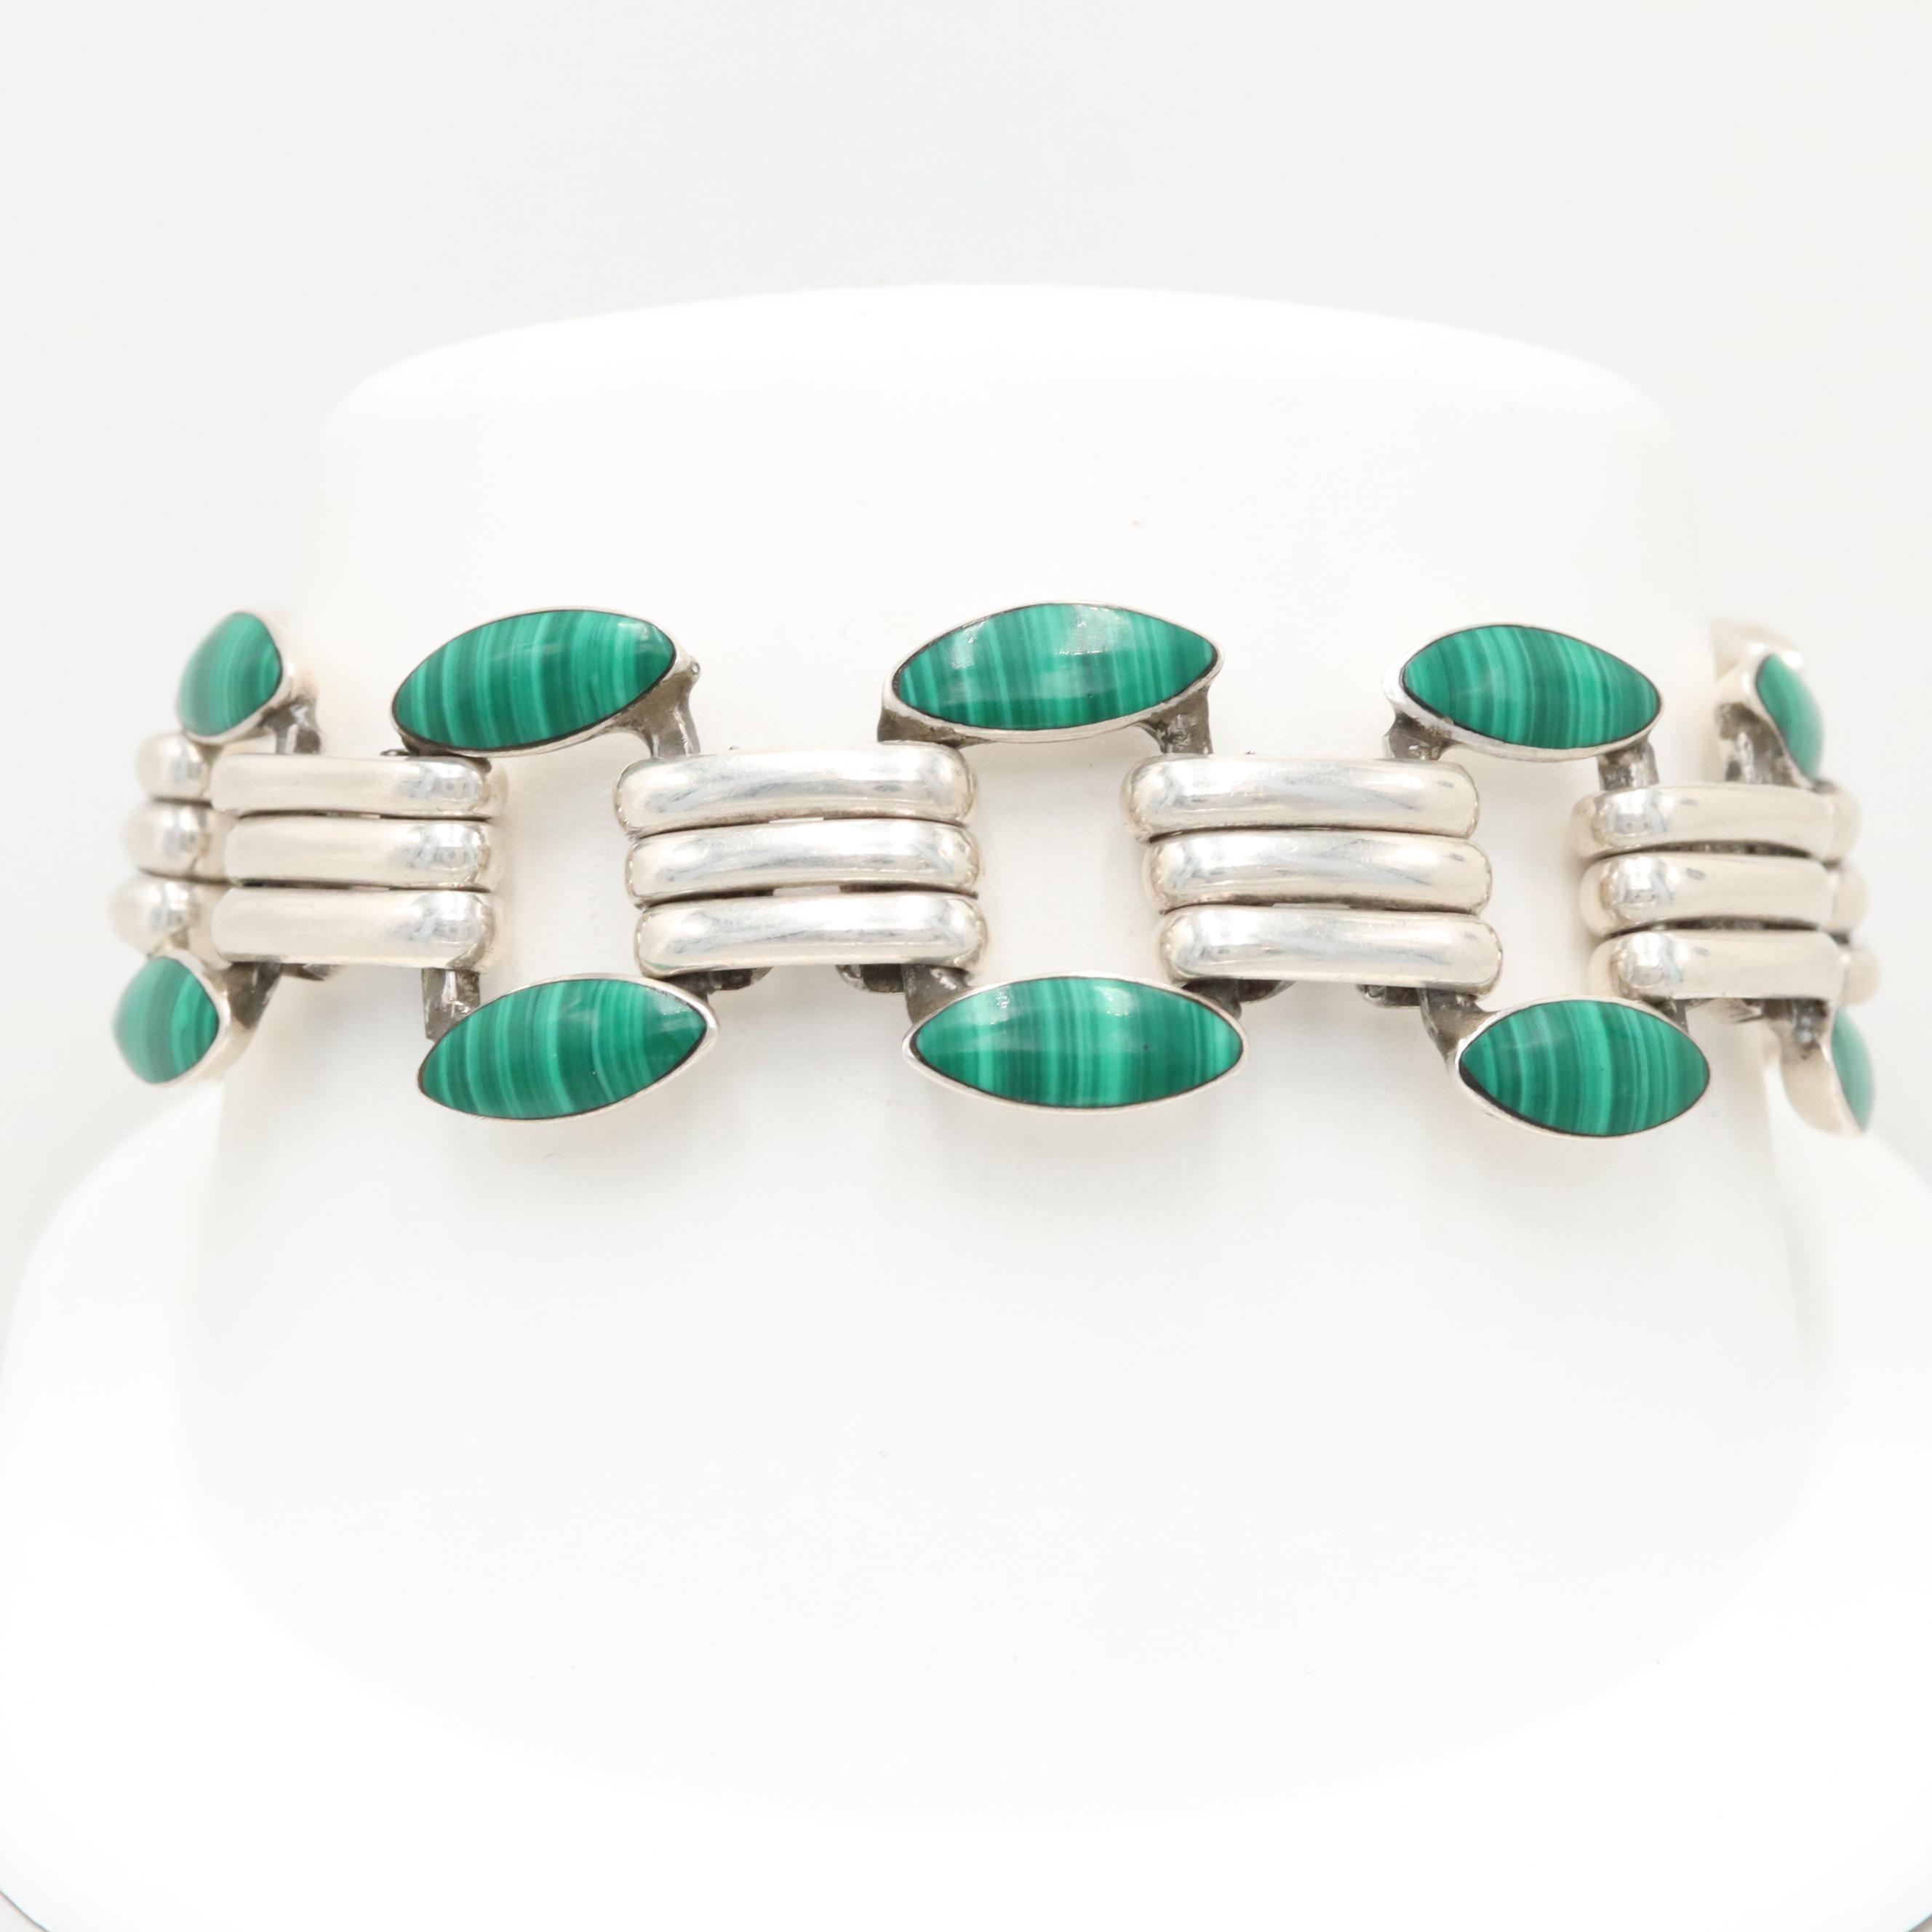 Taxco Mexico 950 Silver Imitation Malachite Bracelet